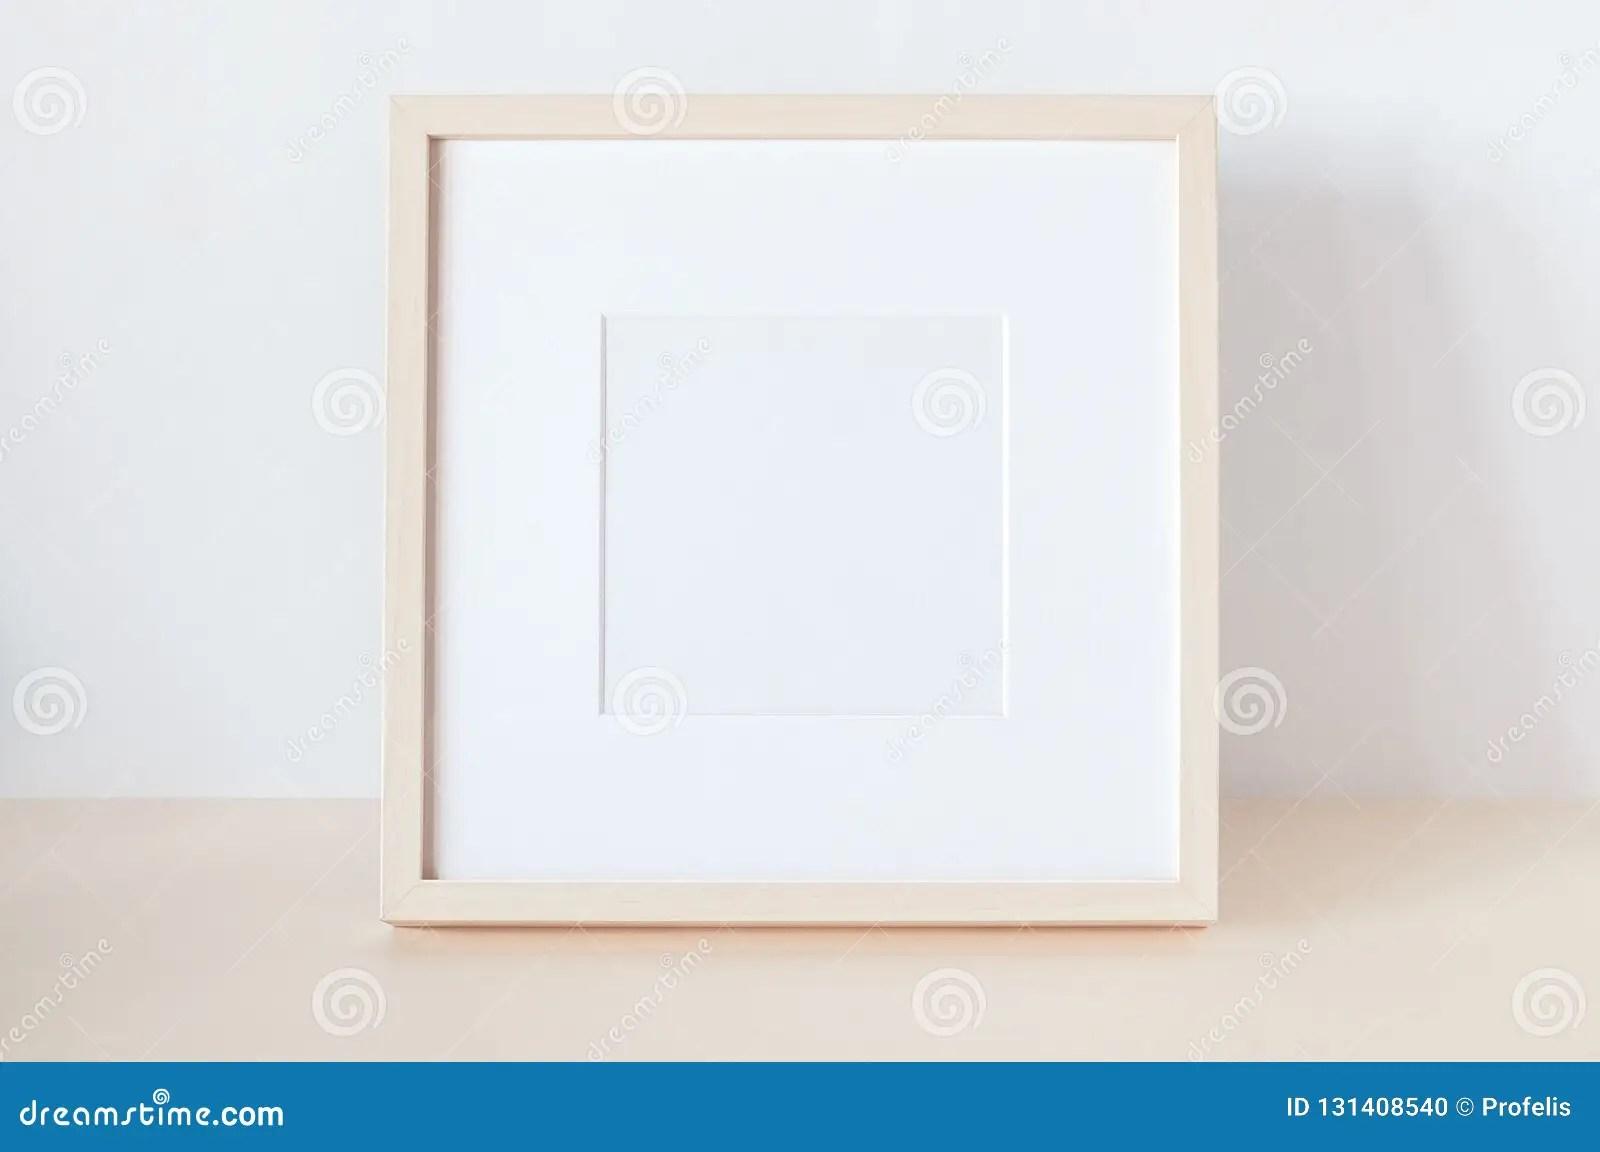 https www dreamstime com wooden square frame poster mockup image131408540